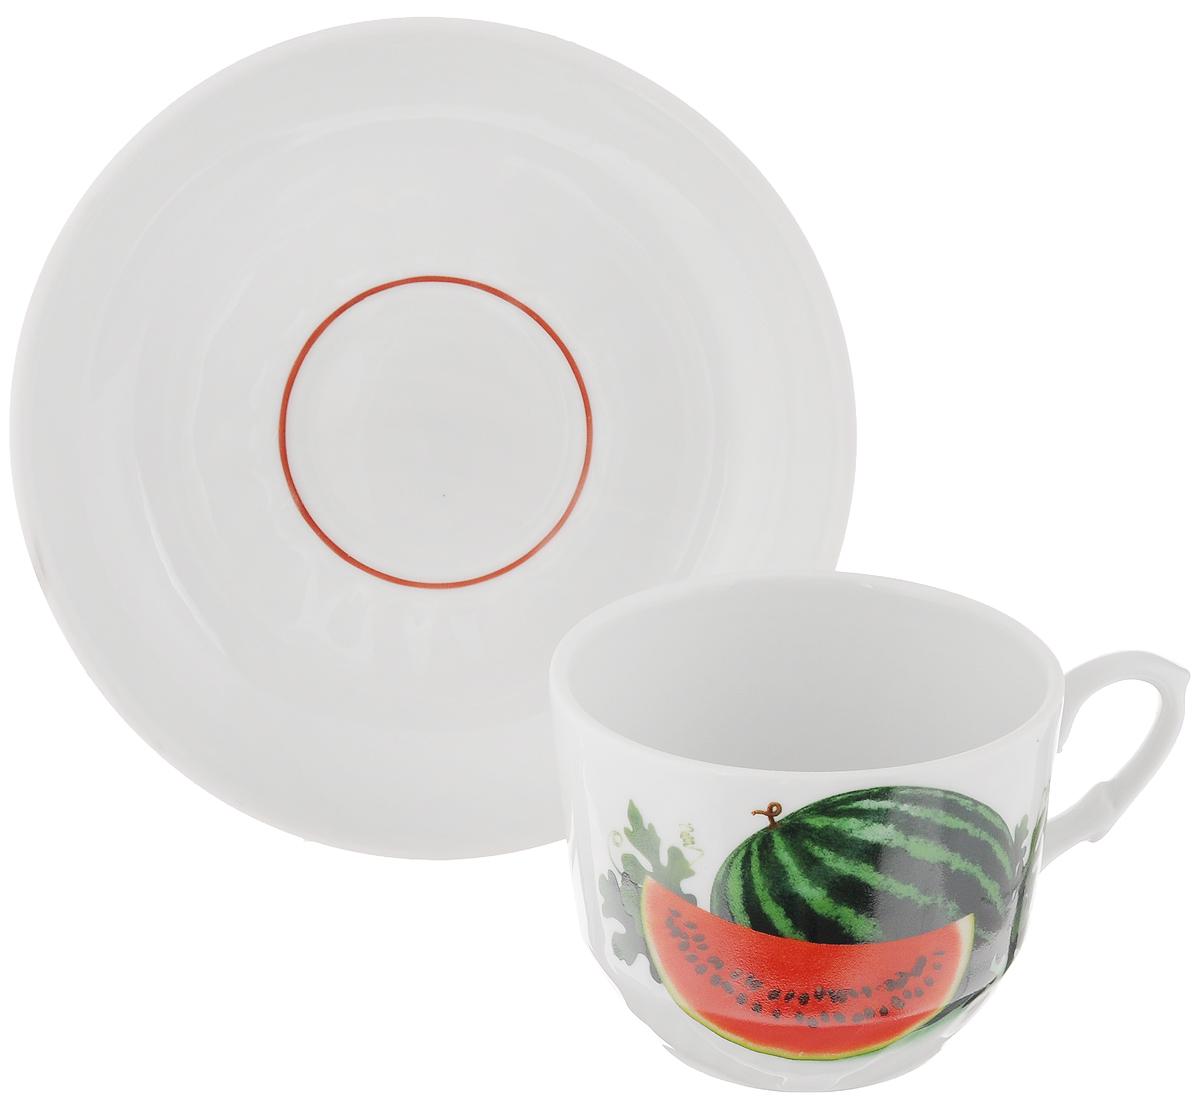 Чайная пара Кирмаш. Арбуз, 2 предмета115510Чайная пара Кирмаш. Арбуз состоит из чашки и блюдца, изготовленных из высококачественного фарфора. Оригинальный дизайн, несомненно, придется вам по вкусу.Чайная пара Кирмаш. Арбуз украсит ваш кухонный стол, а также станет замечательным подарком к любому празднику.Диаметр чашки (по верхнему краю): 8,5 см.Высота чашки: 7 см.Диаметр блюдца: 15 см.Высота блюдца: 3 см.